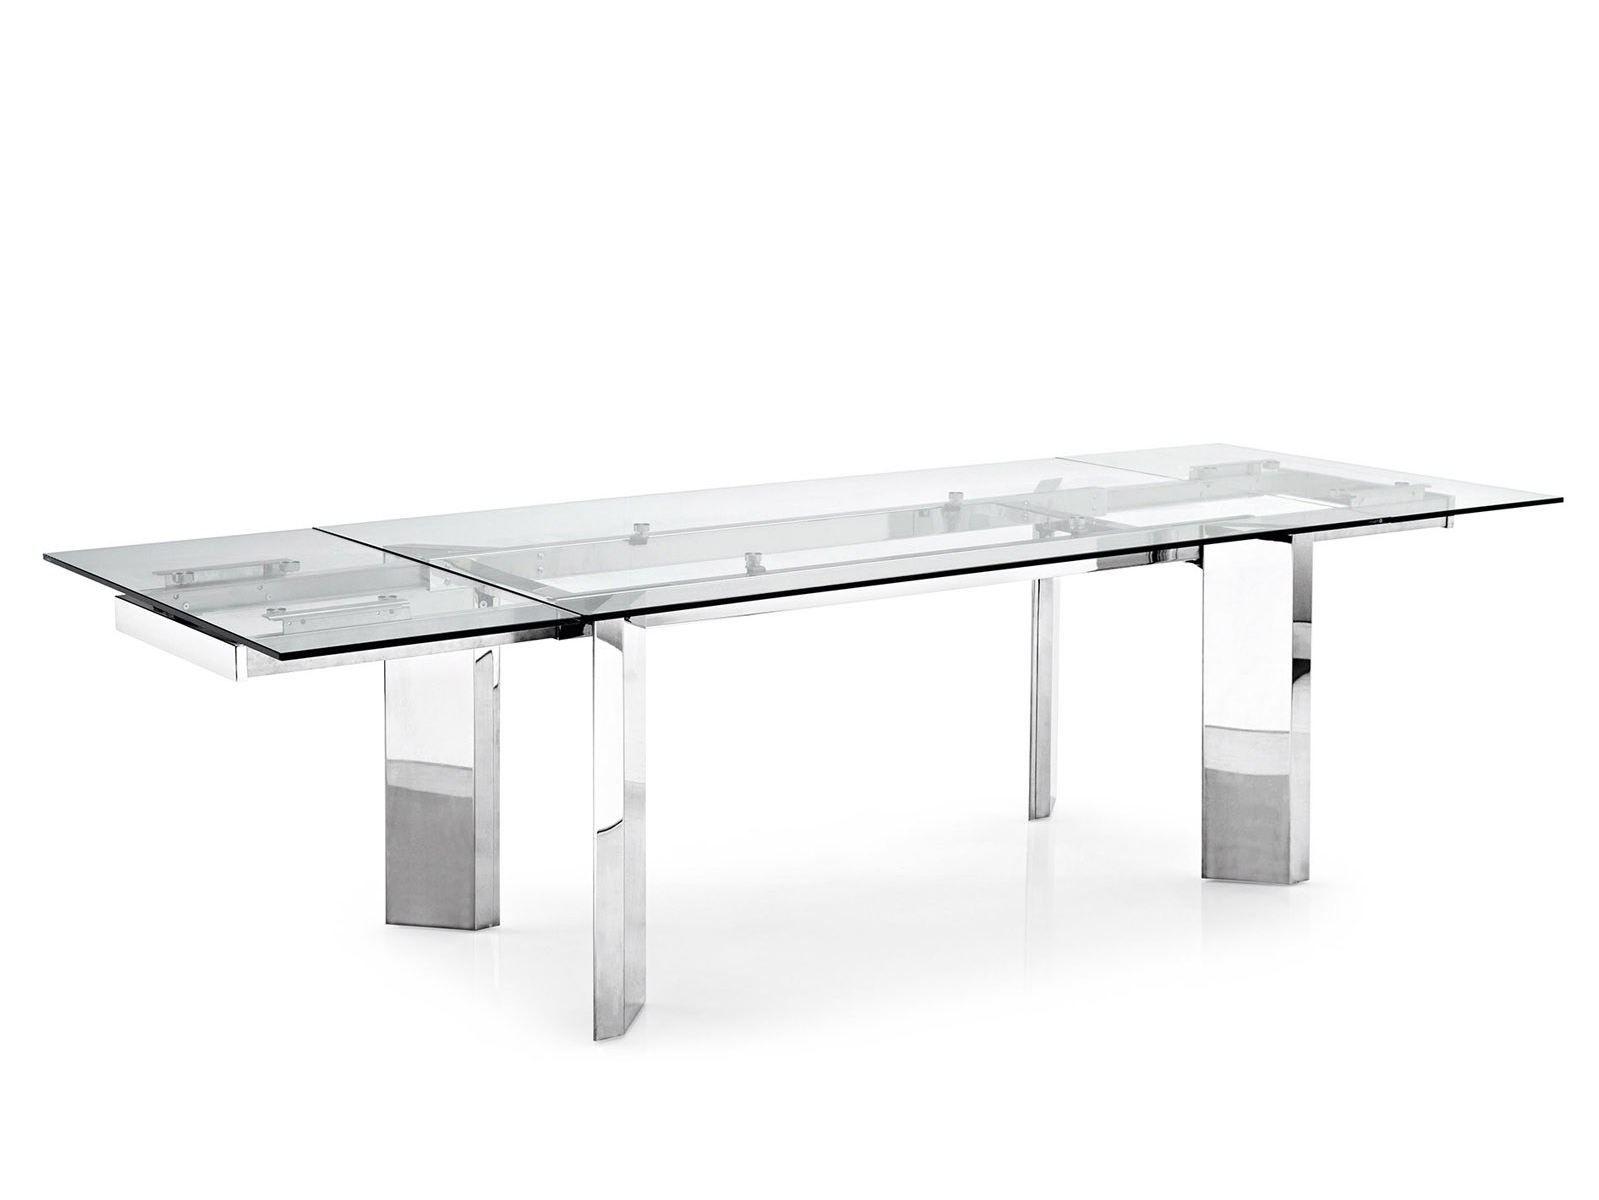 Tavolo allungabile rettangolare in legno e vetro LEVANTE By Calligaris